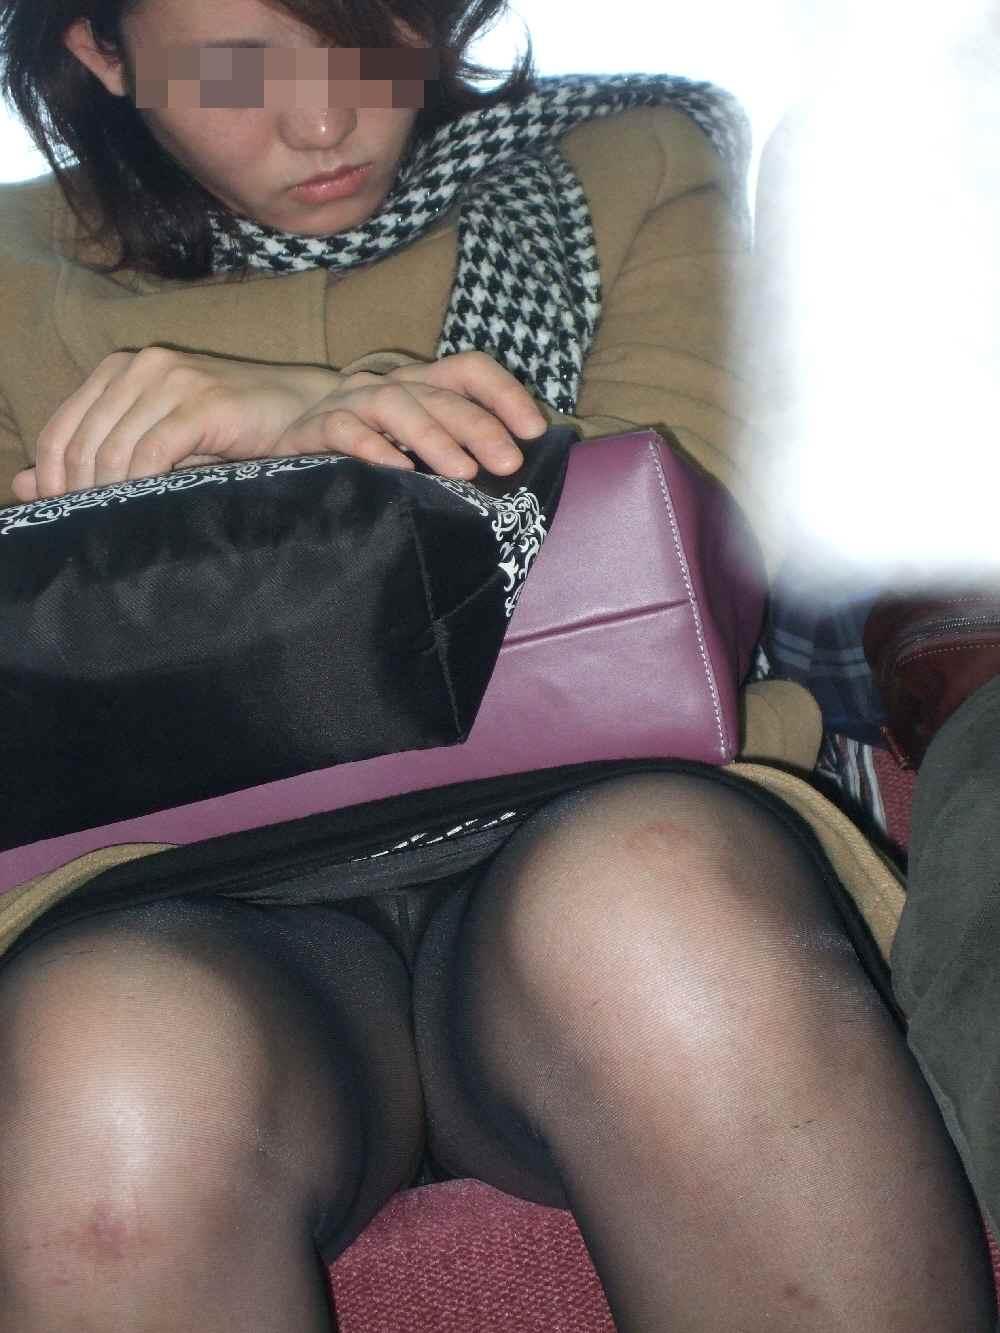 シート正面の無防備な女の子は下着がチラチラ (5)